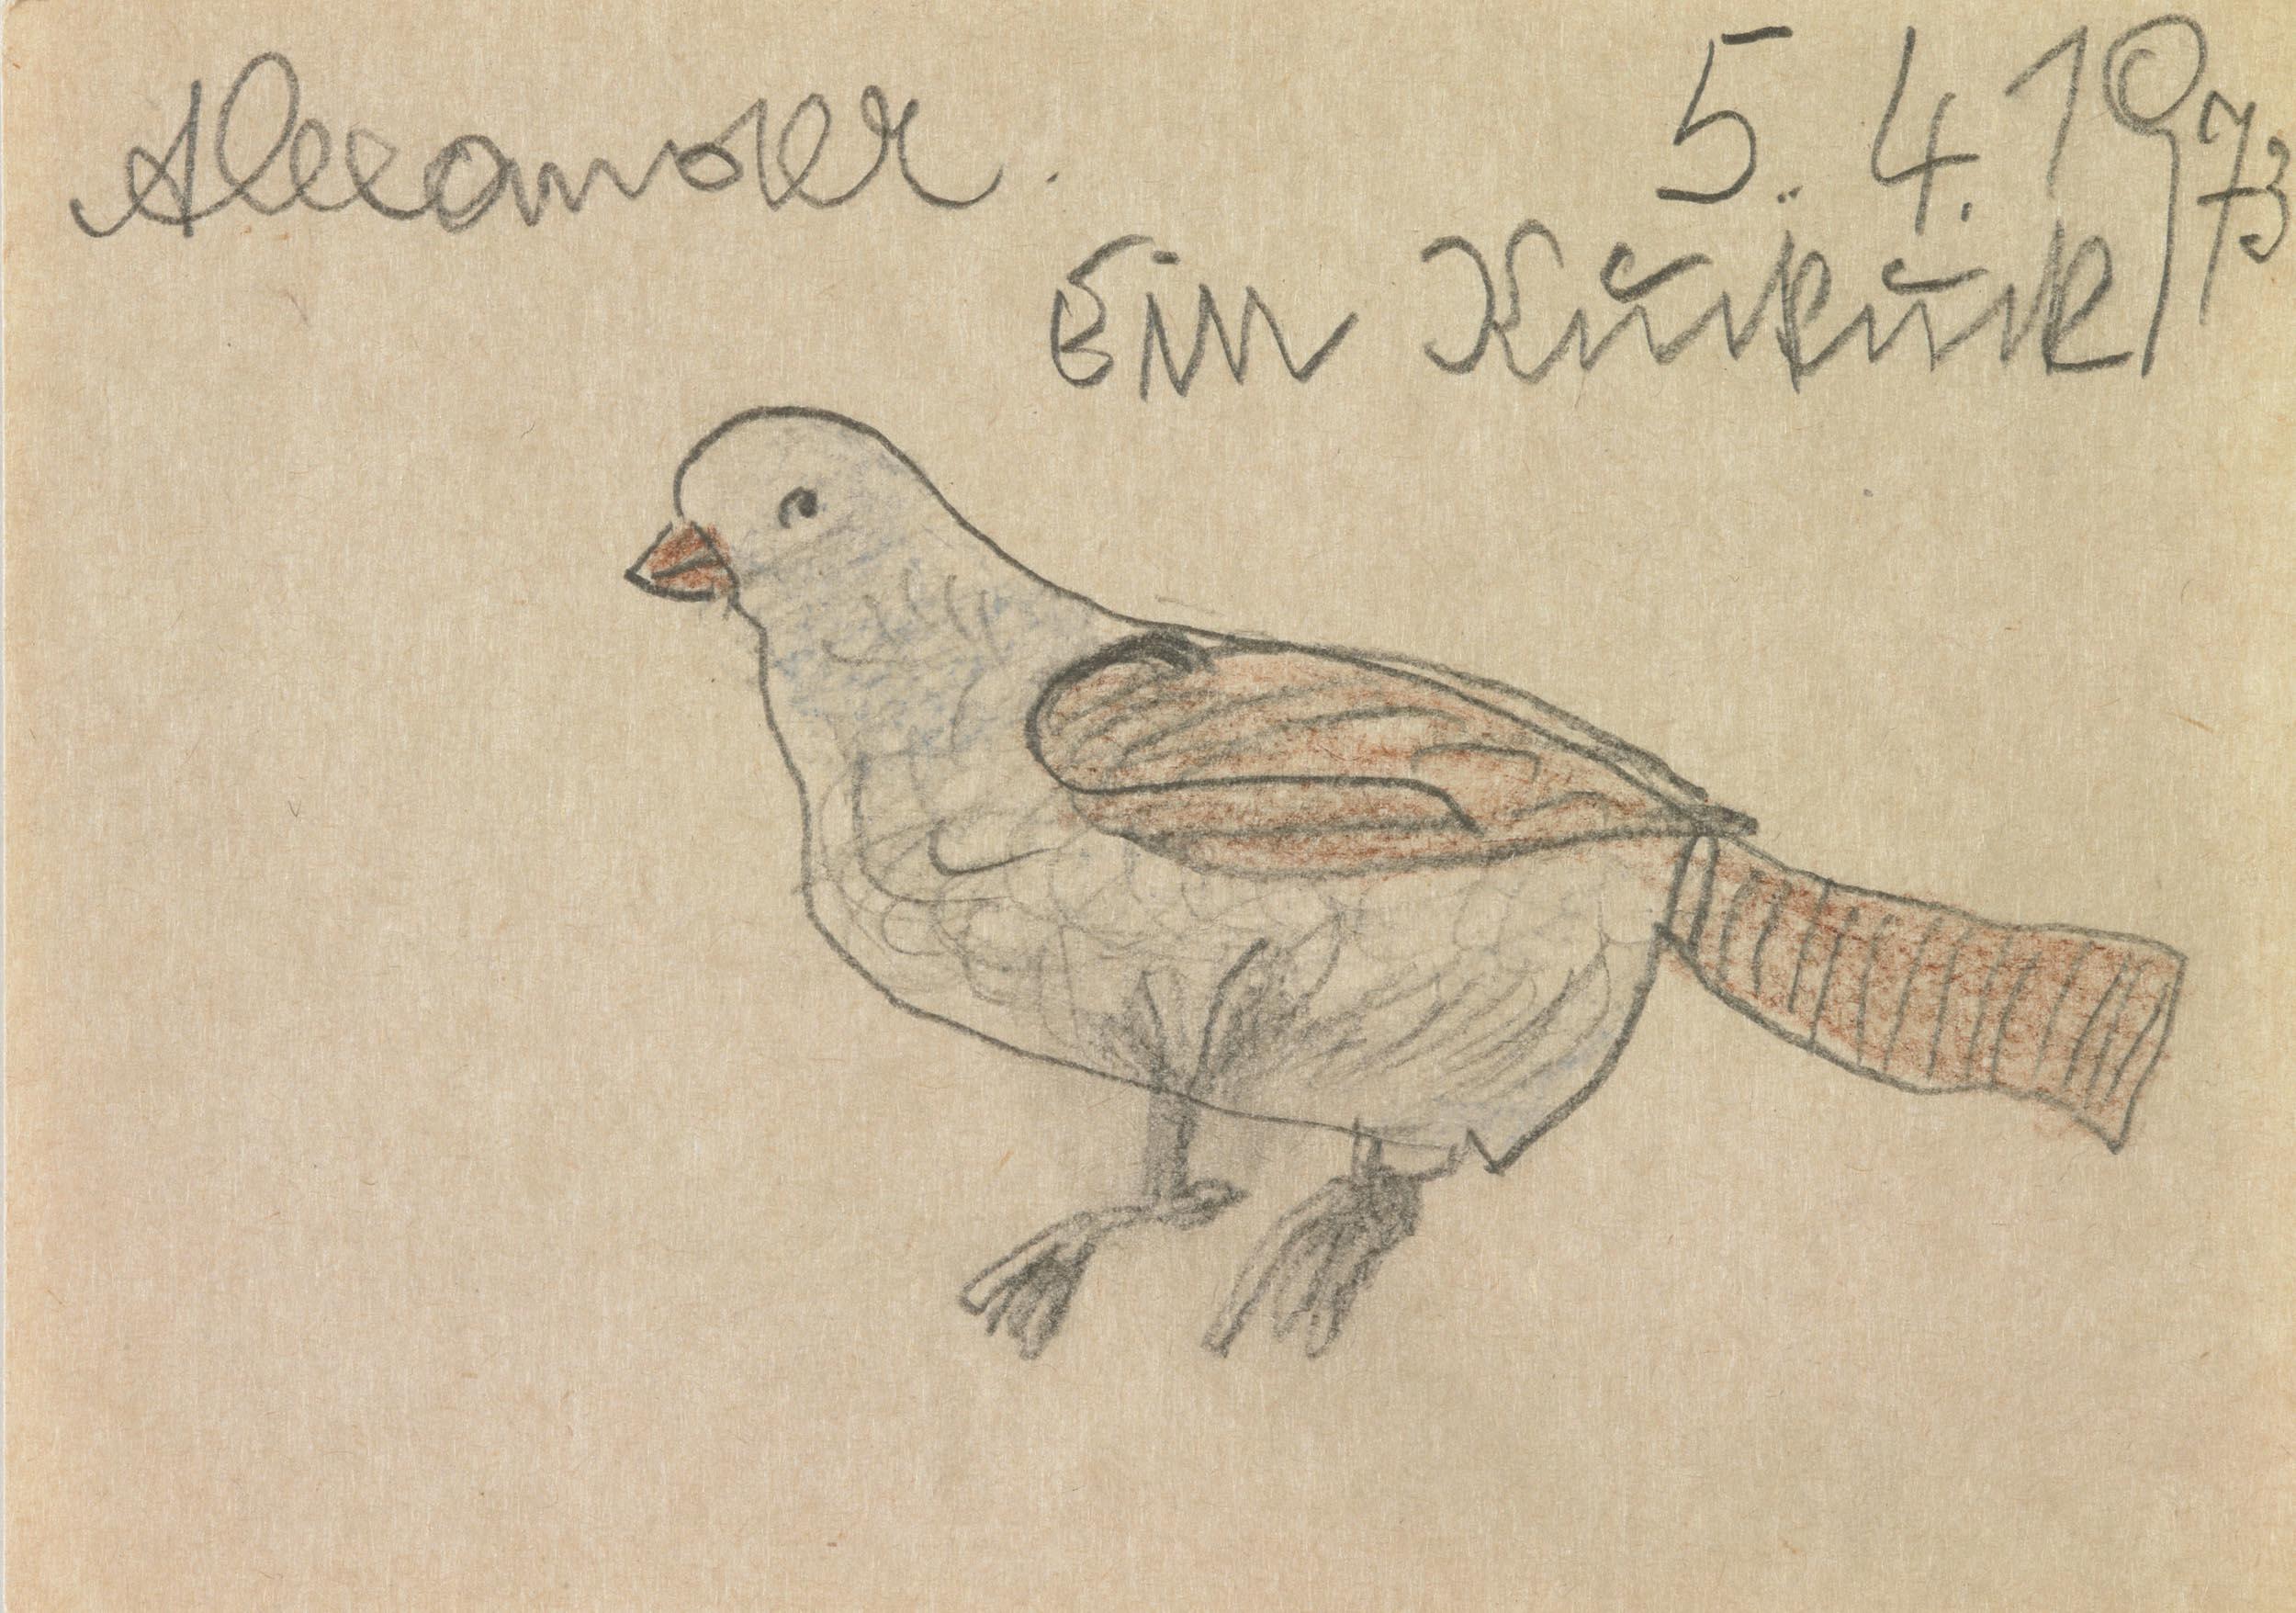 herbeck ernst - Ein Vogel / A bird